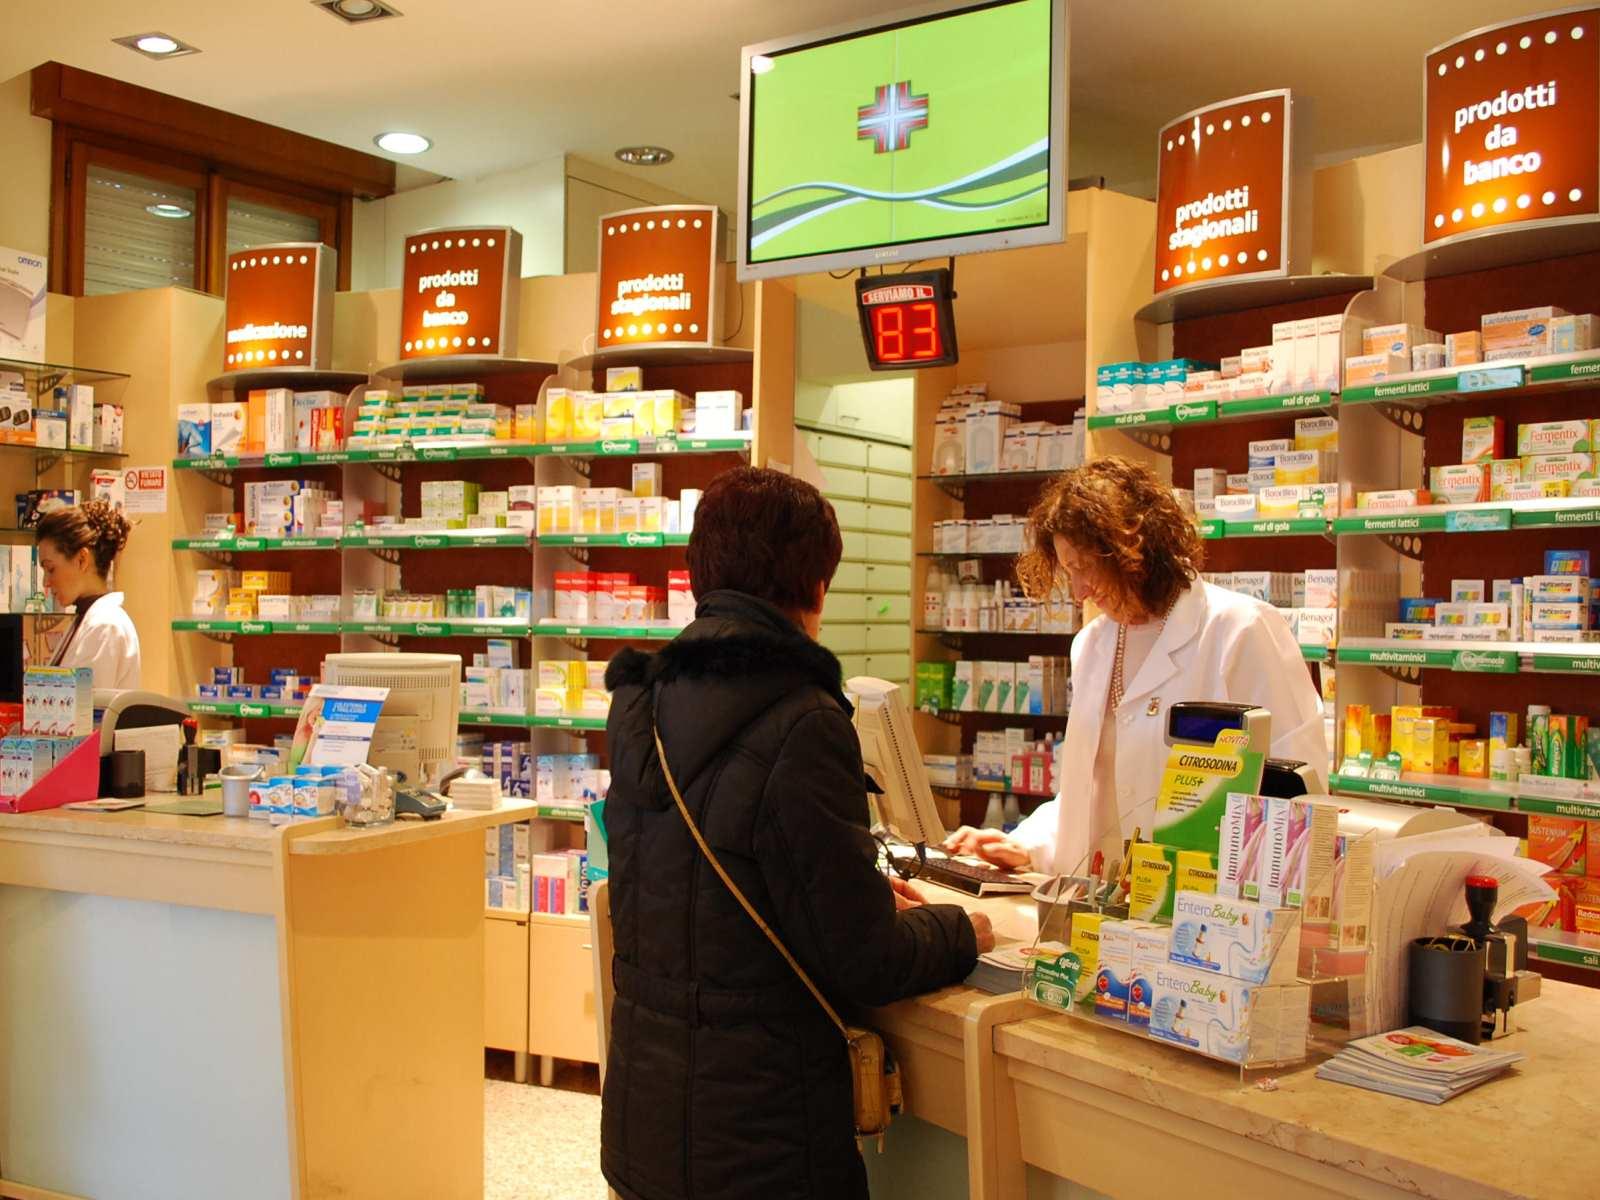 consulenza-sportiva-farmacia-modena-montale-formigine